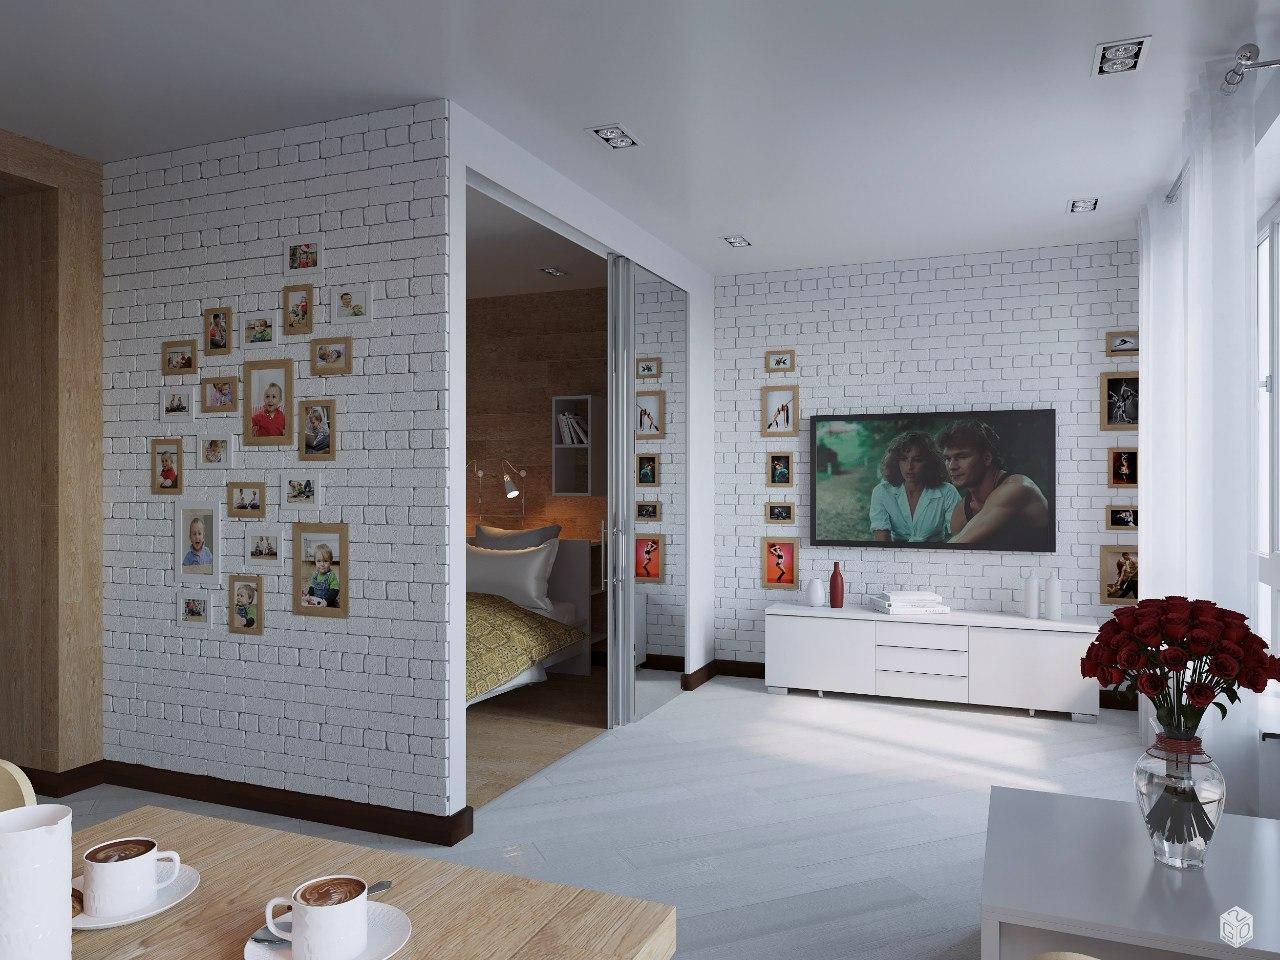 Проект студии 42 м из 1-комнатной квартиры.